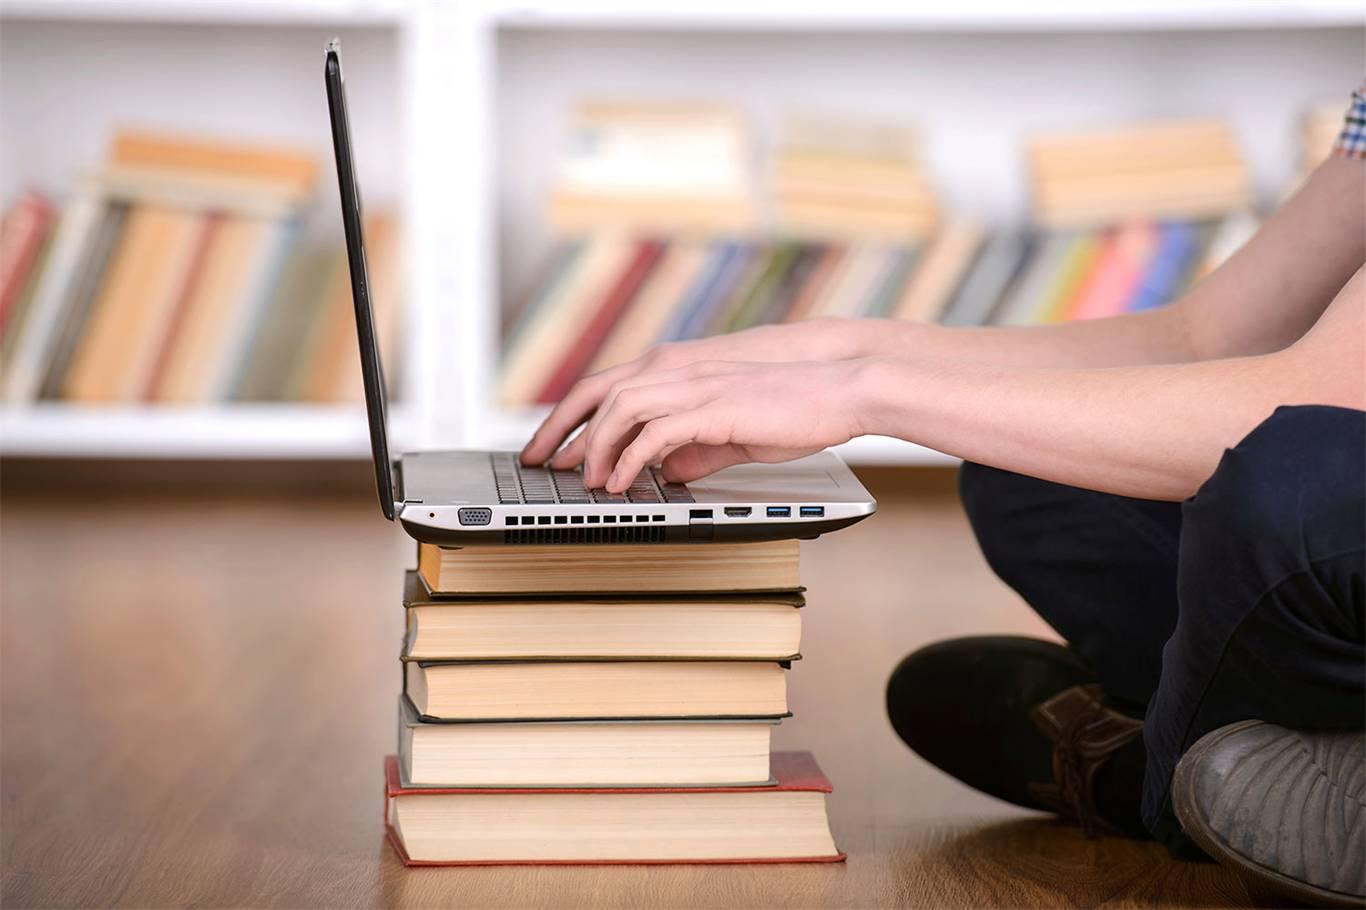 Estudiar psicología y su relación con la tecnología